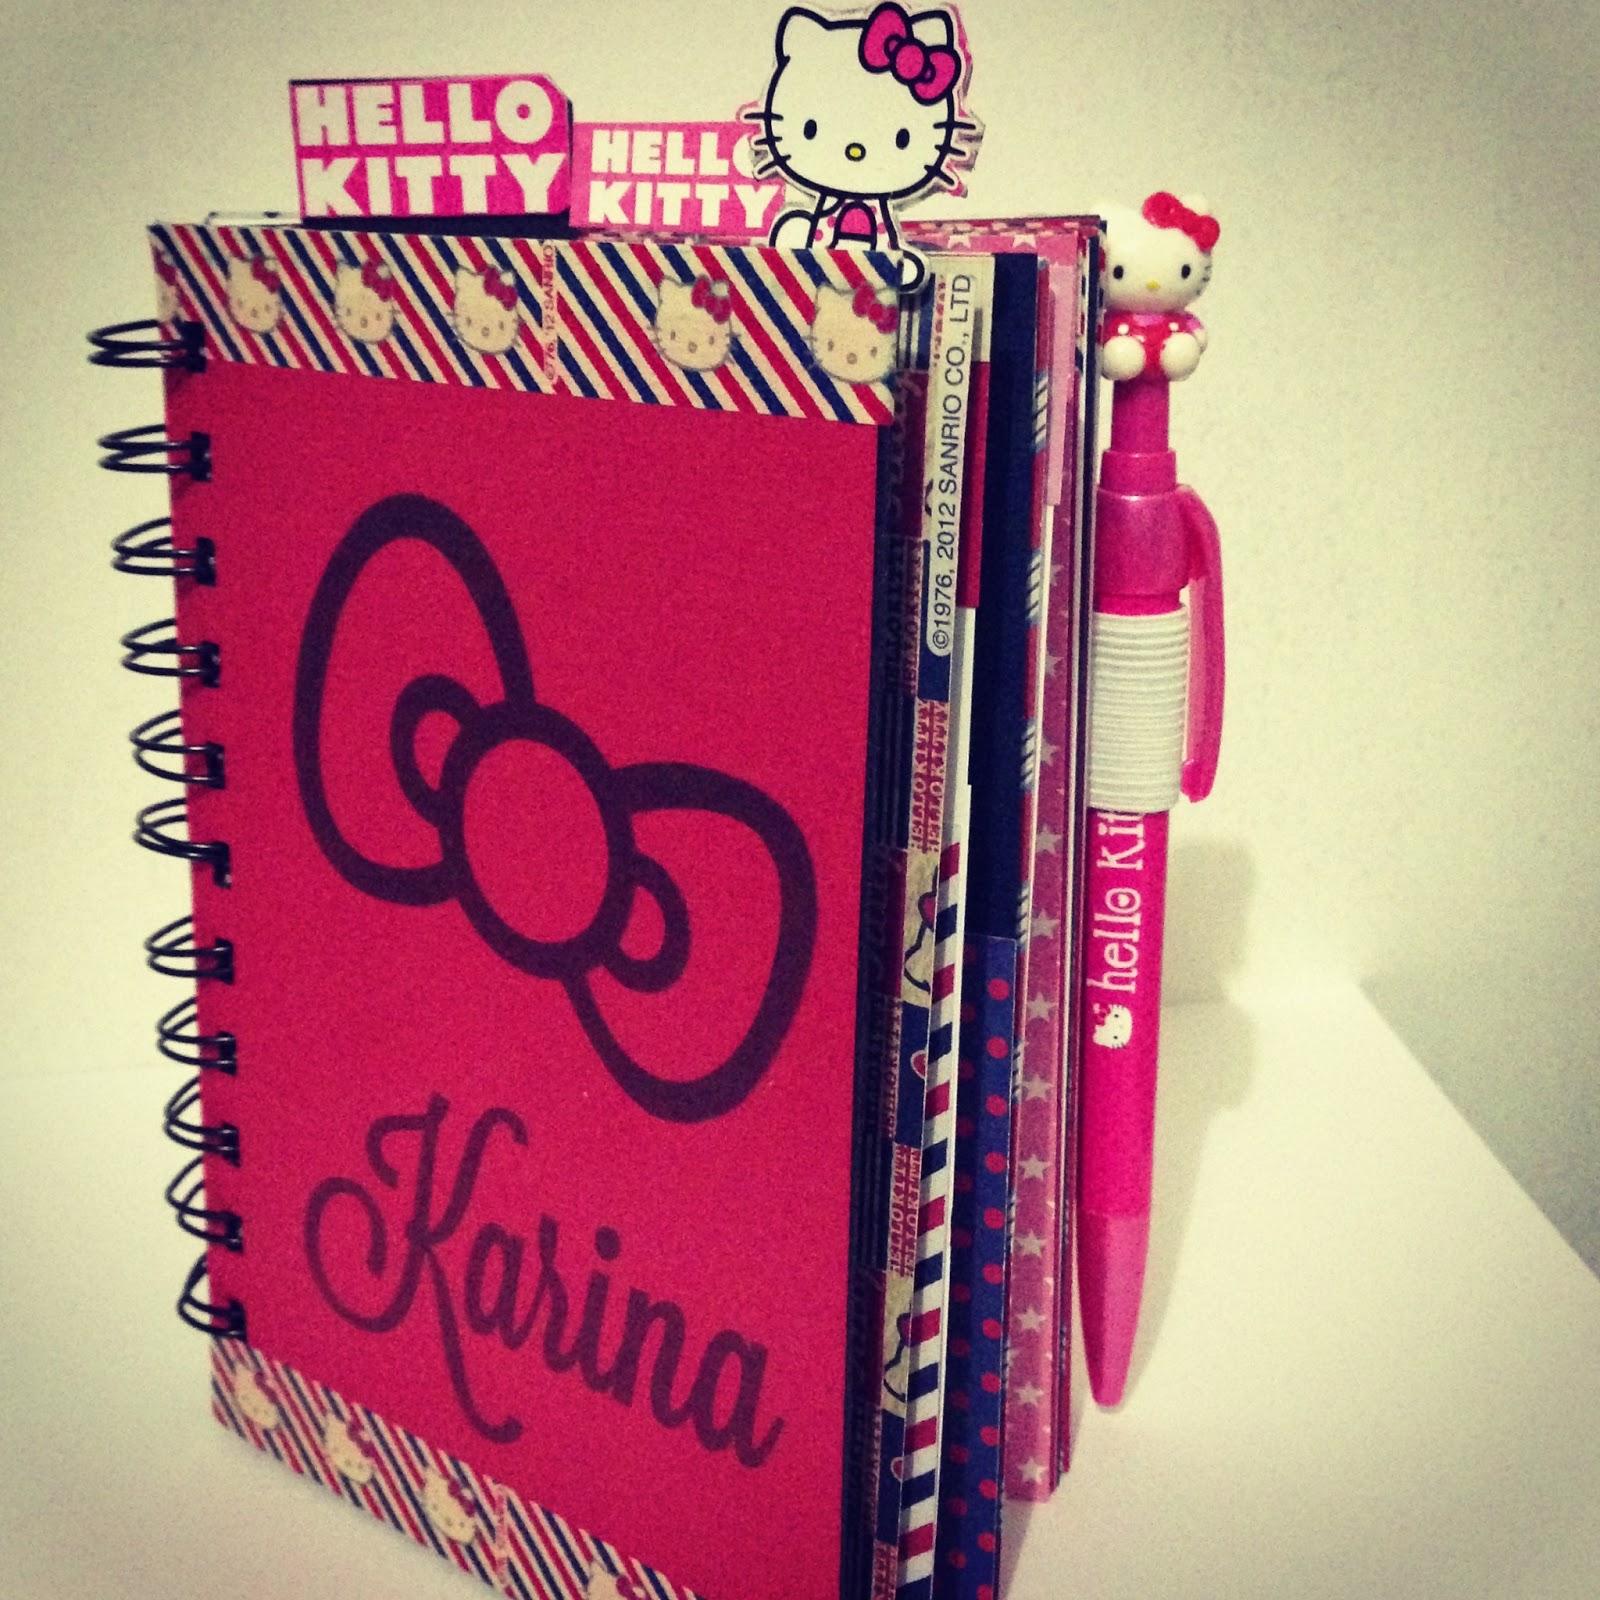 Hello kitty scrapbook ideas - Hello Kitty Scrapbook Ideas 20